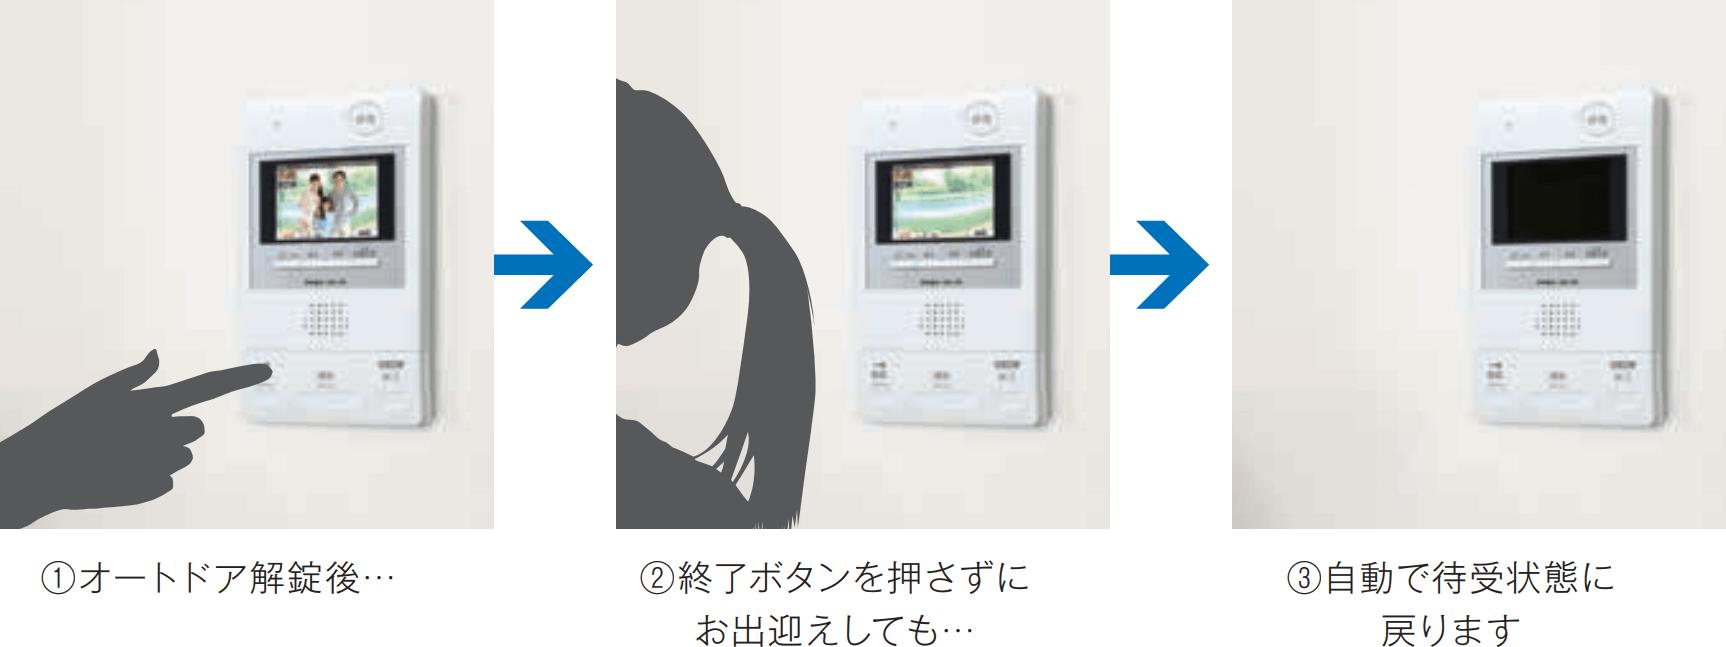 マンション・アパート向け(集合住宅用)インターホンシステム「パトモ」の自動終話機能